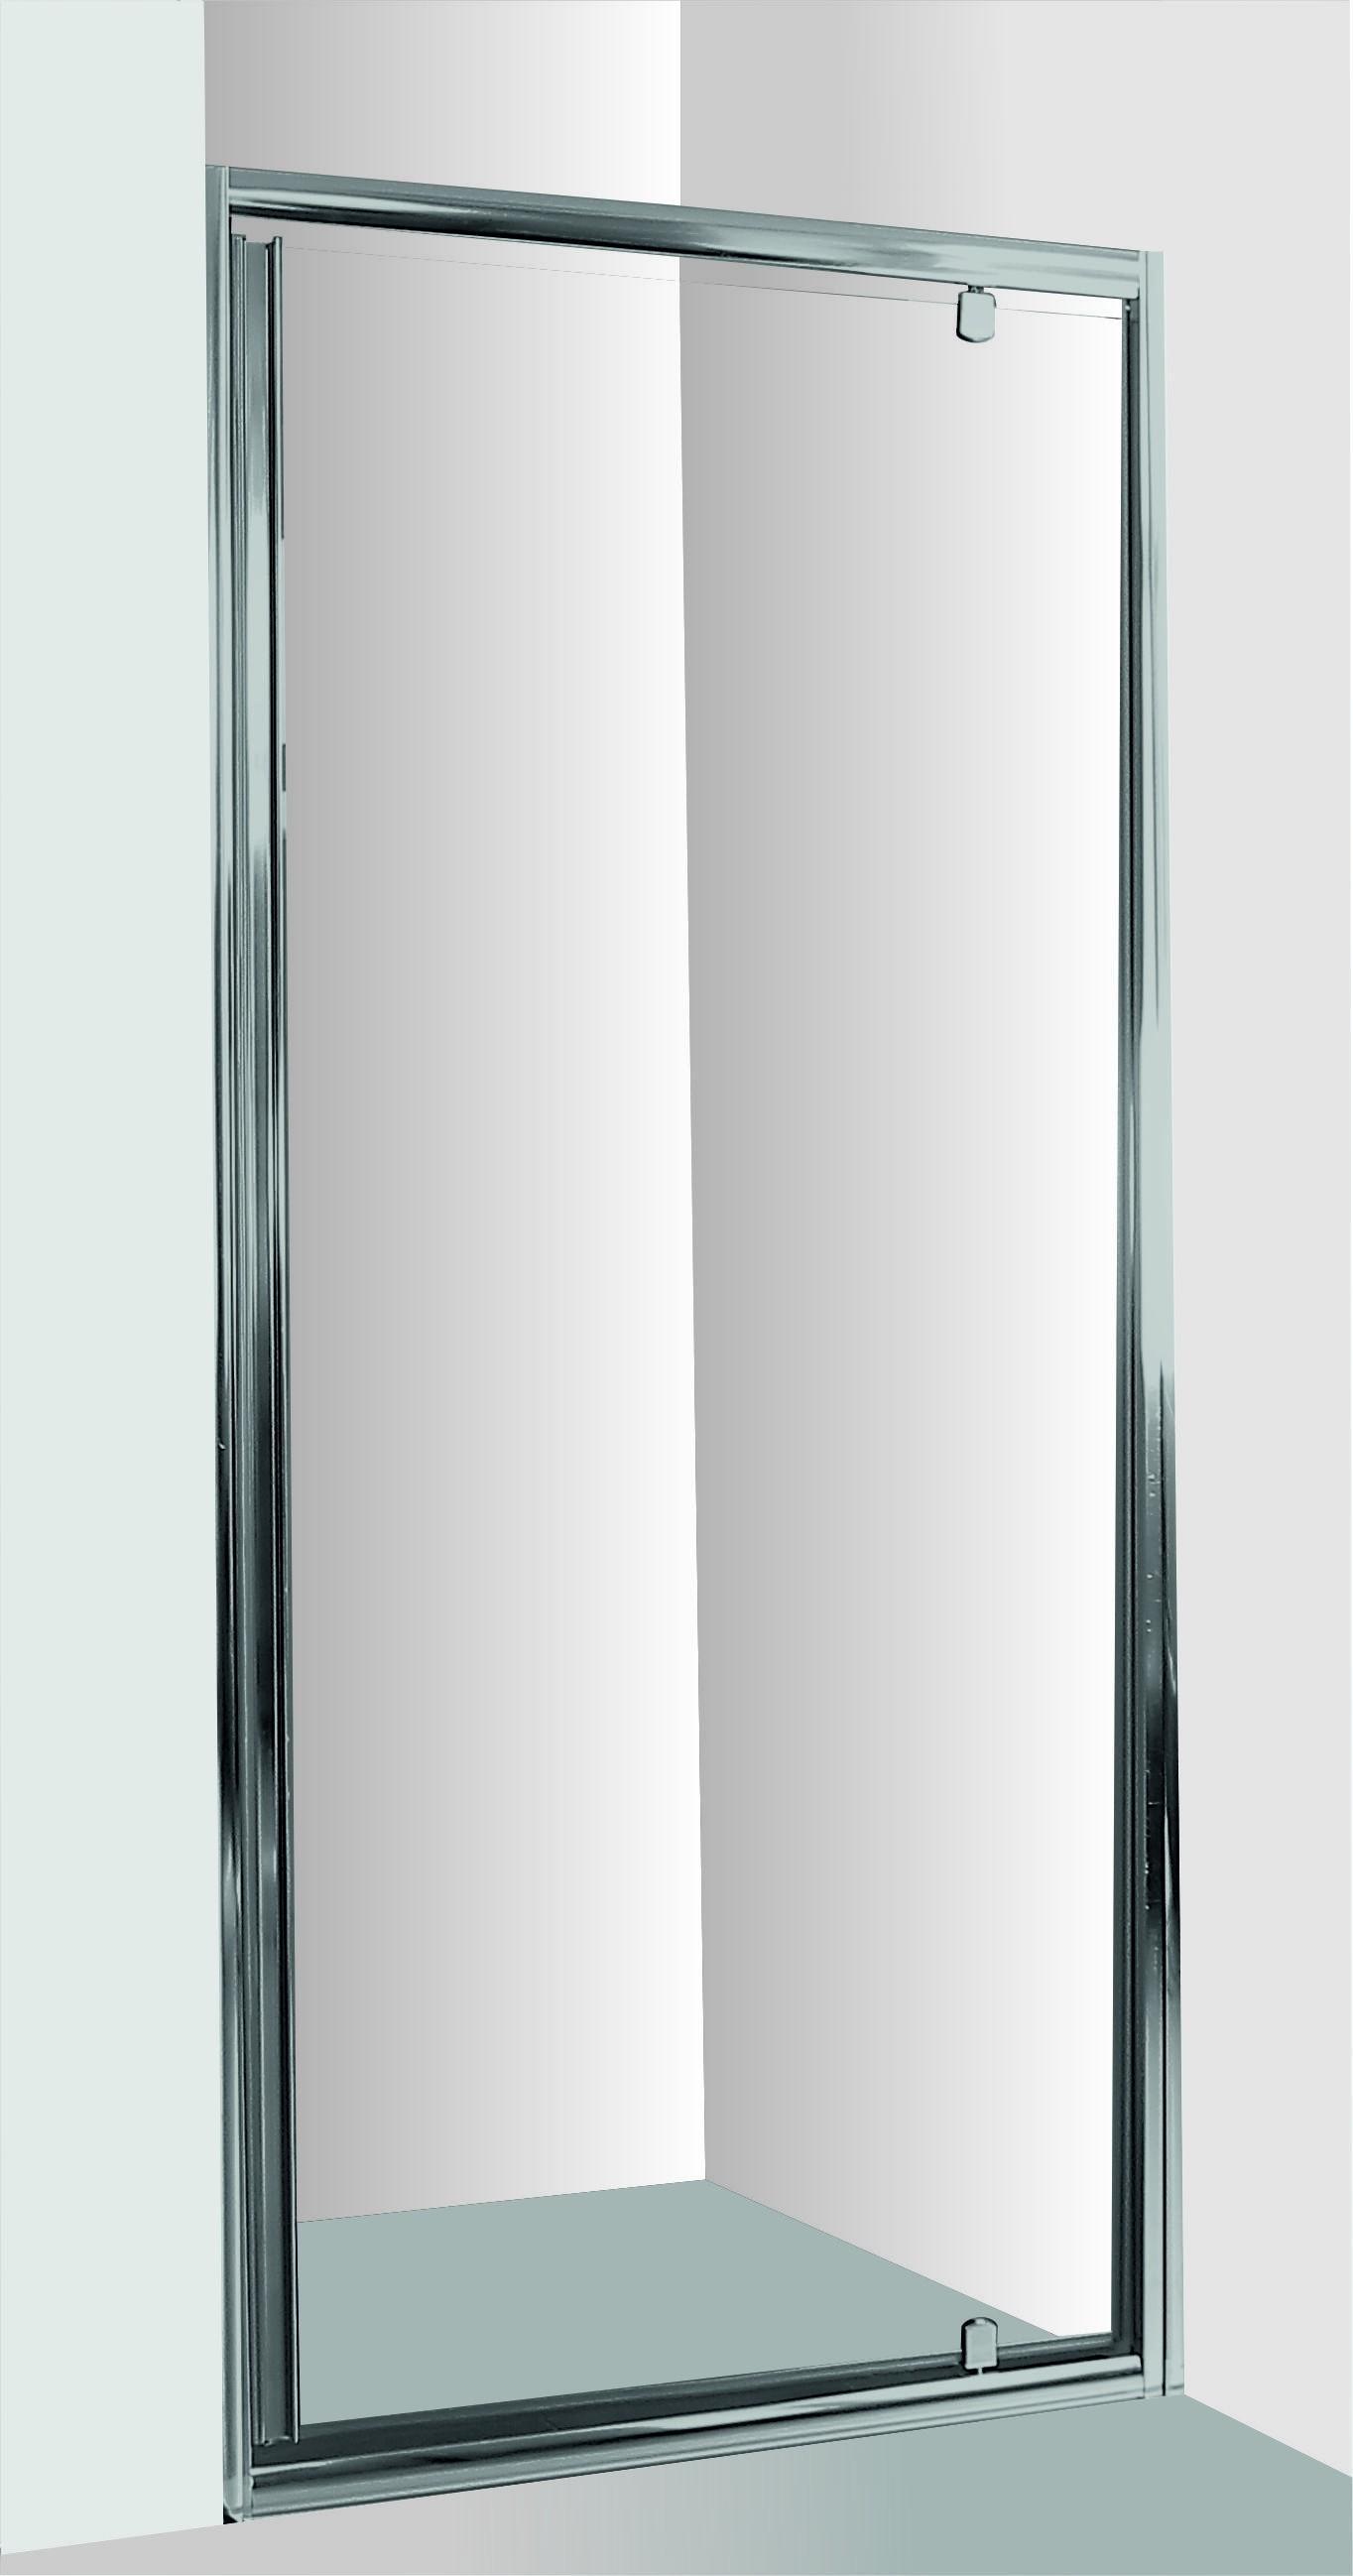 HOPA - Sprchové dvere do niky SMART - alarm - Farba rámu zásteny - Hliník chróm, Rozmer A - 70 cm, Smer zatváranie - Univerzálny Ľavé / Pravé, Výplň - Číre bezpečnostné sklo - 6 mm OLBALA70CCBV